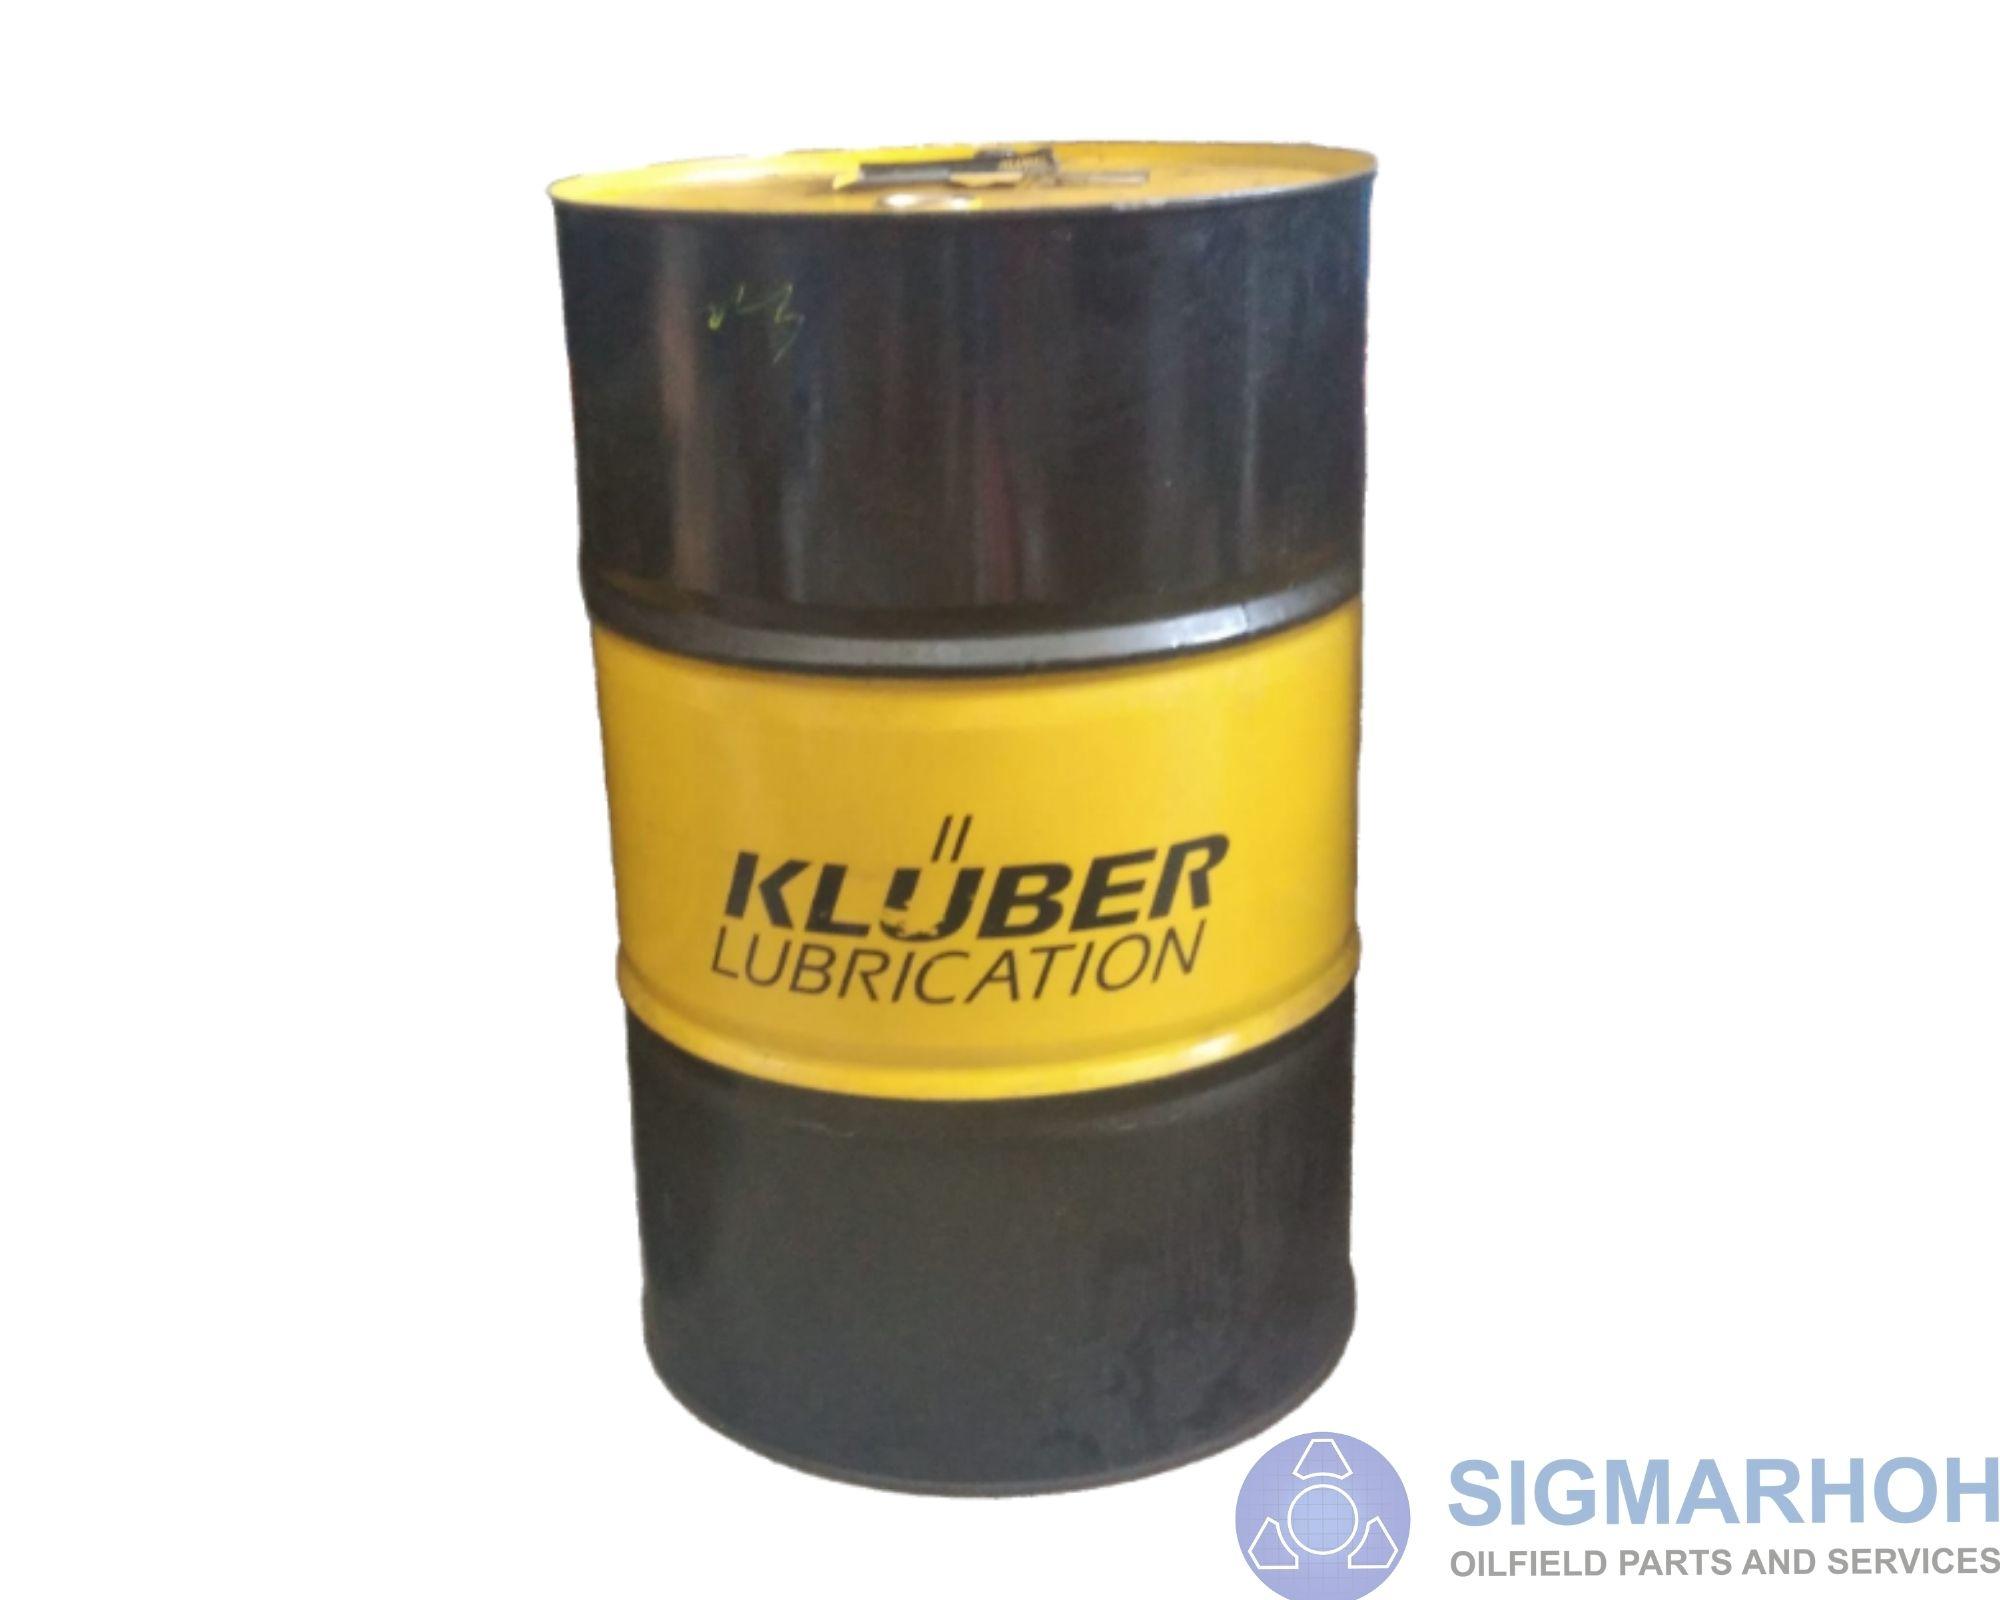 Lubrificante Klüber Summit PGI 68 e 100 / Klüber Summit PGI 68 and 100 Lubricante